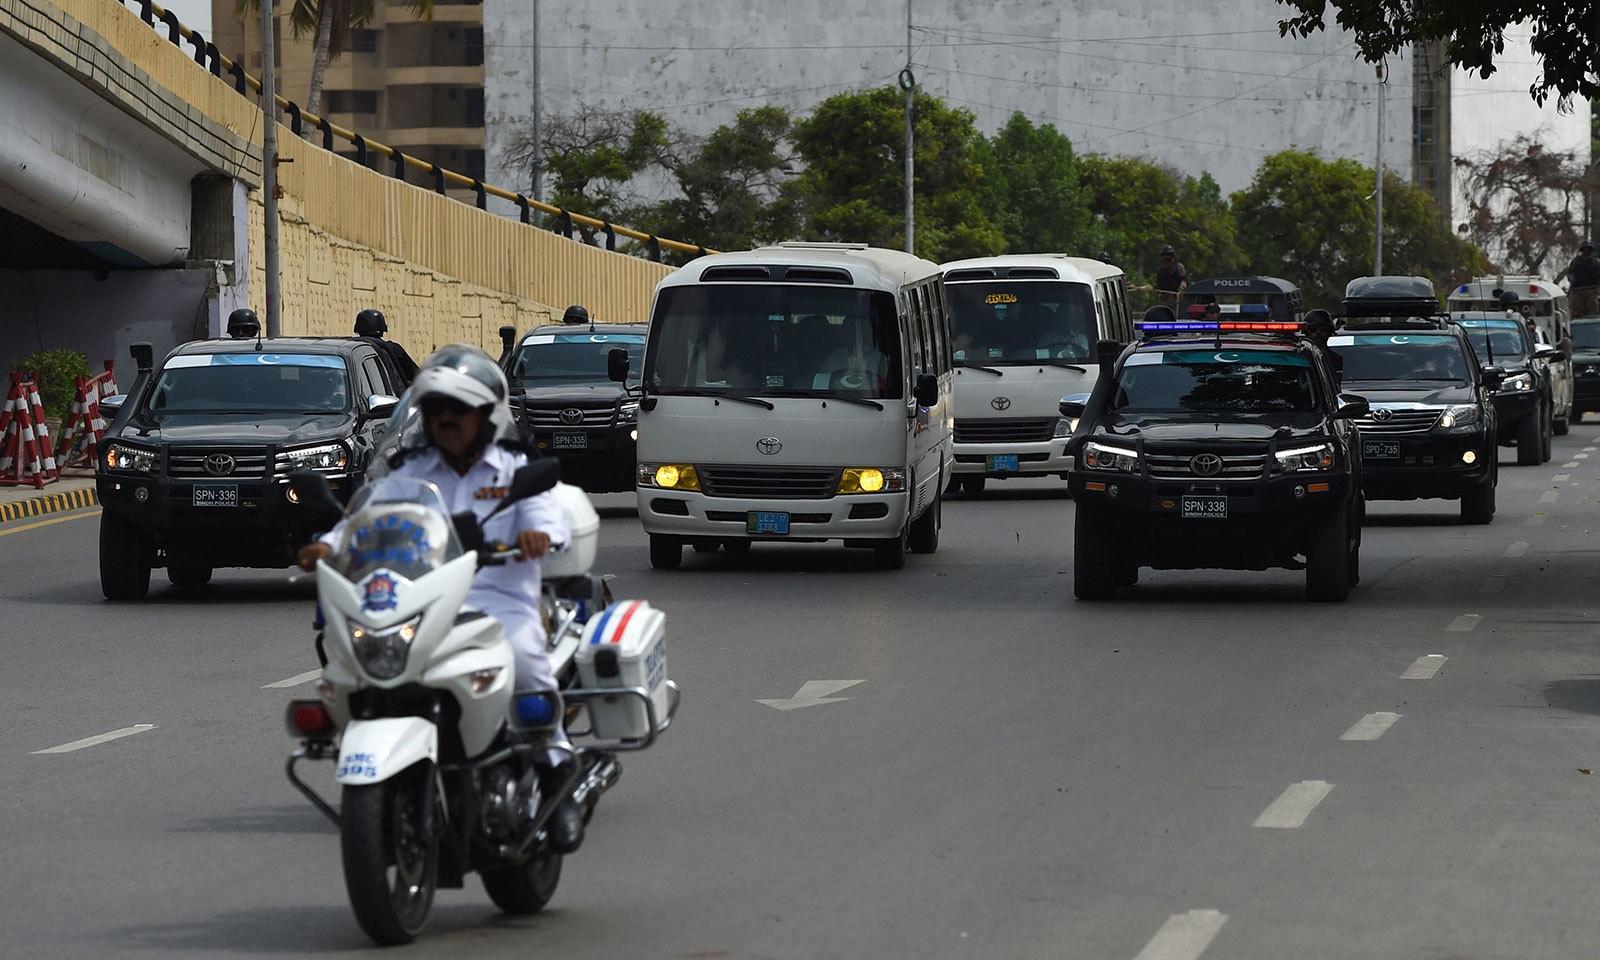 سری لنکا کی ٹیم کو کراچی میں بہترین سیکیورٹی فراہم کی گئی—فوٹو:اے ایف پی